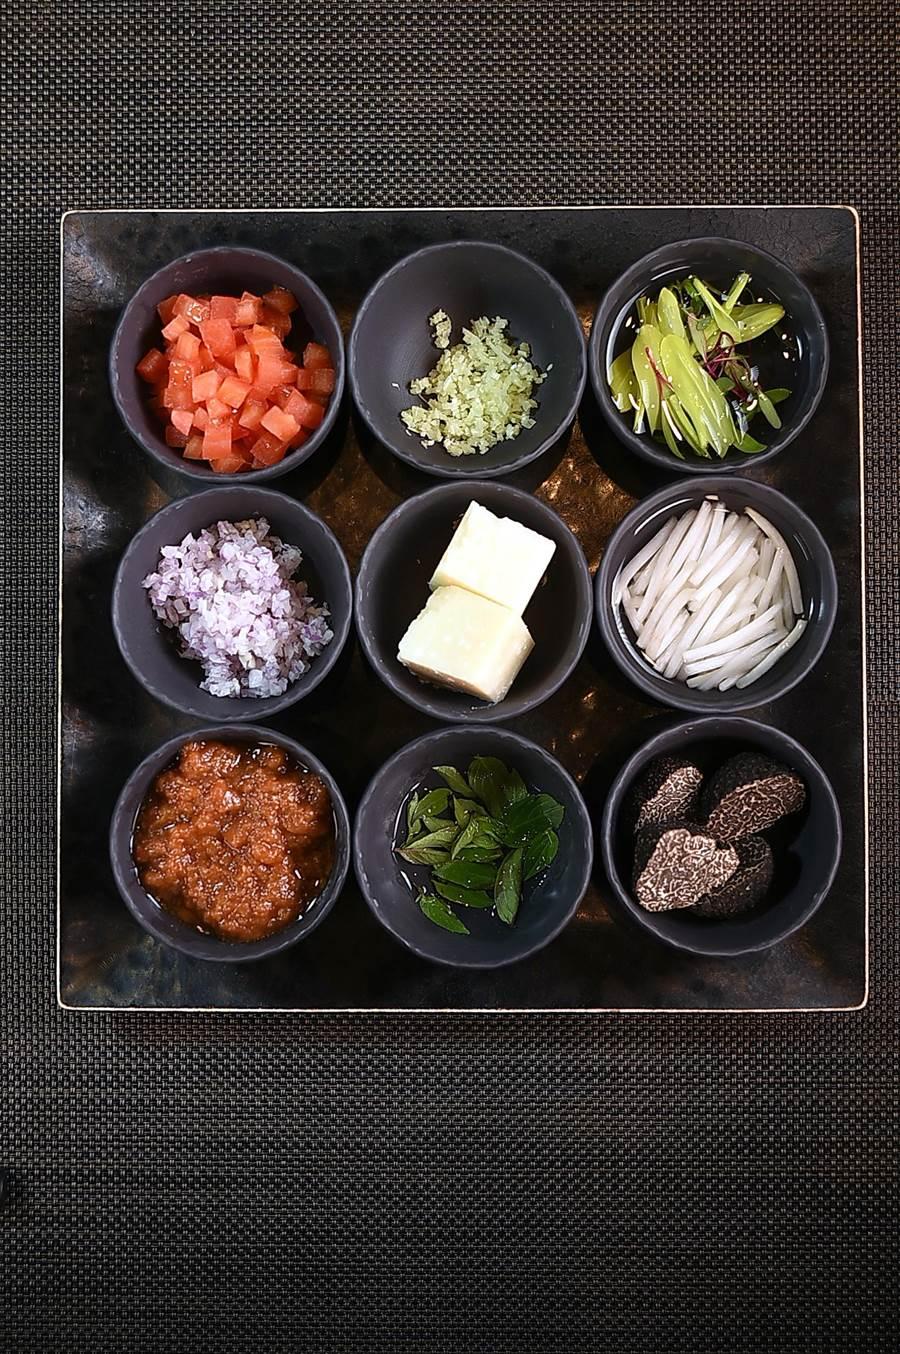 〈Mark's Shabu〉為客人準備的醬料與佐料豐富多樣,客人可以位涮料不同自己選擇搭配。(圖/姚舜)